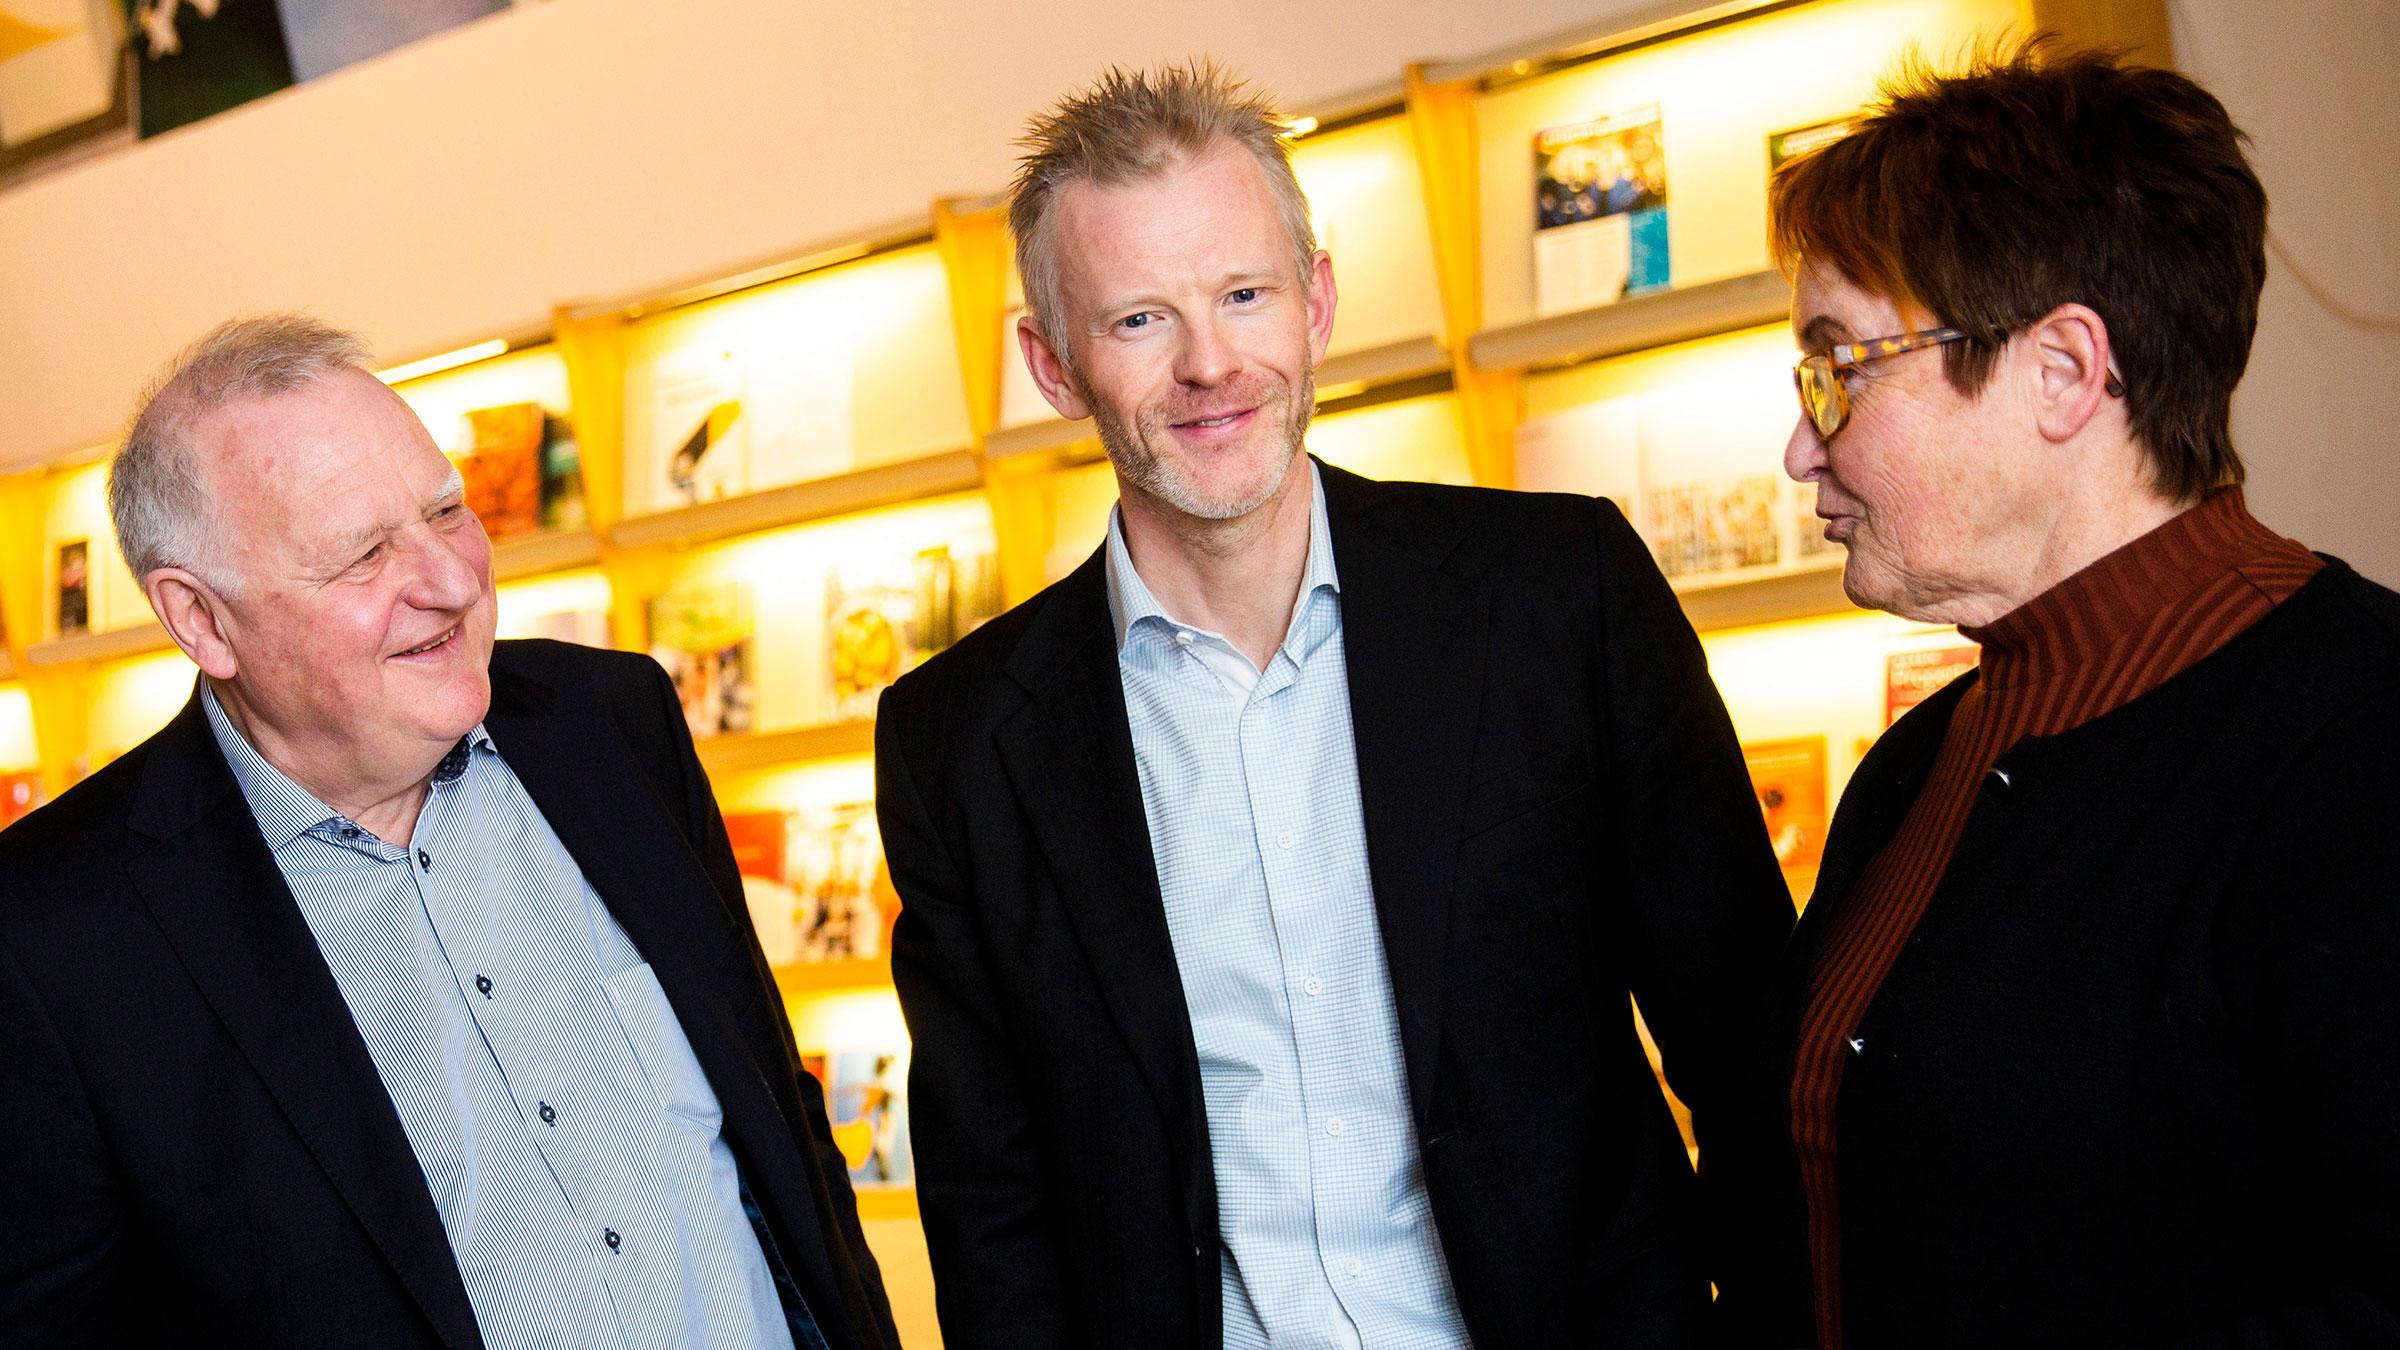 Magnus Viström, innovationschef SCA (mitten), berättar att SCA har ett fortsatt samarbete med flera av de företag som tidigare deltagit i Forest Business Accelerator.